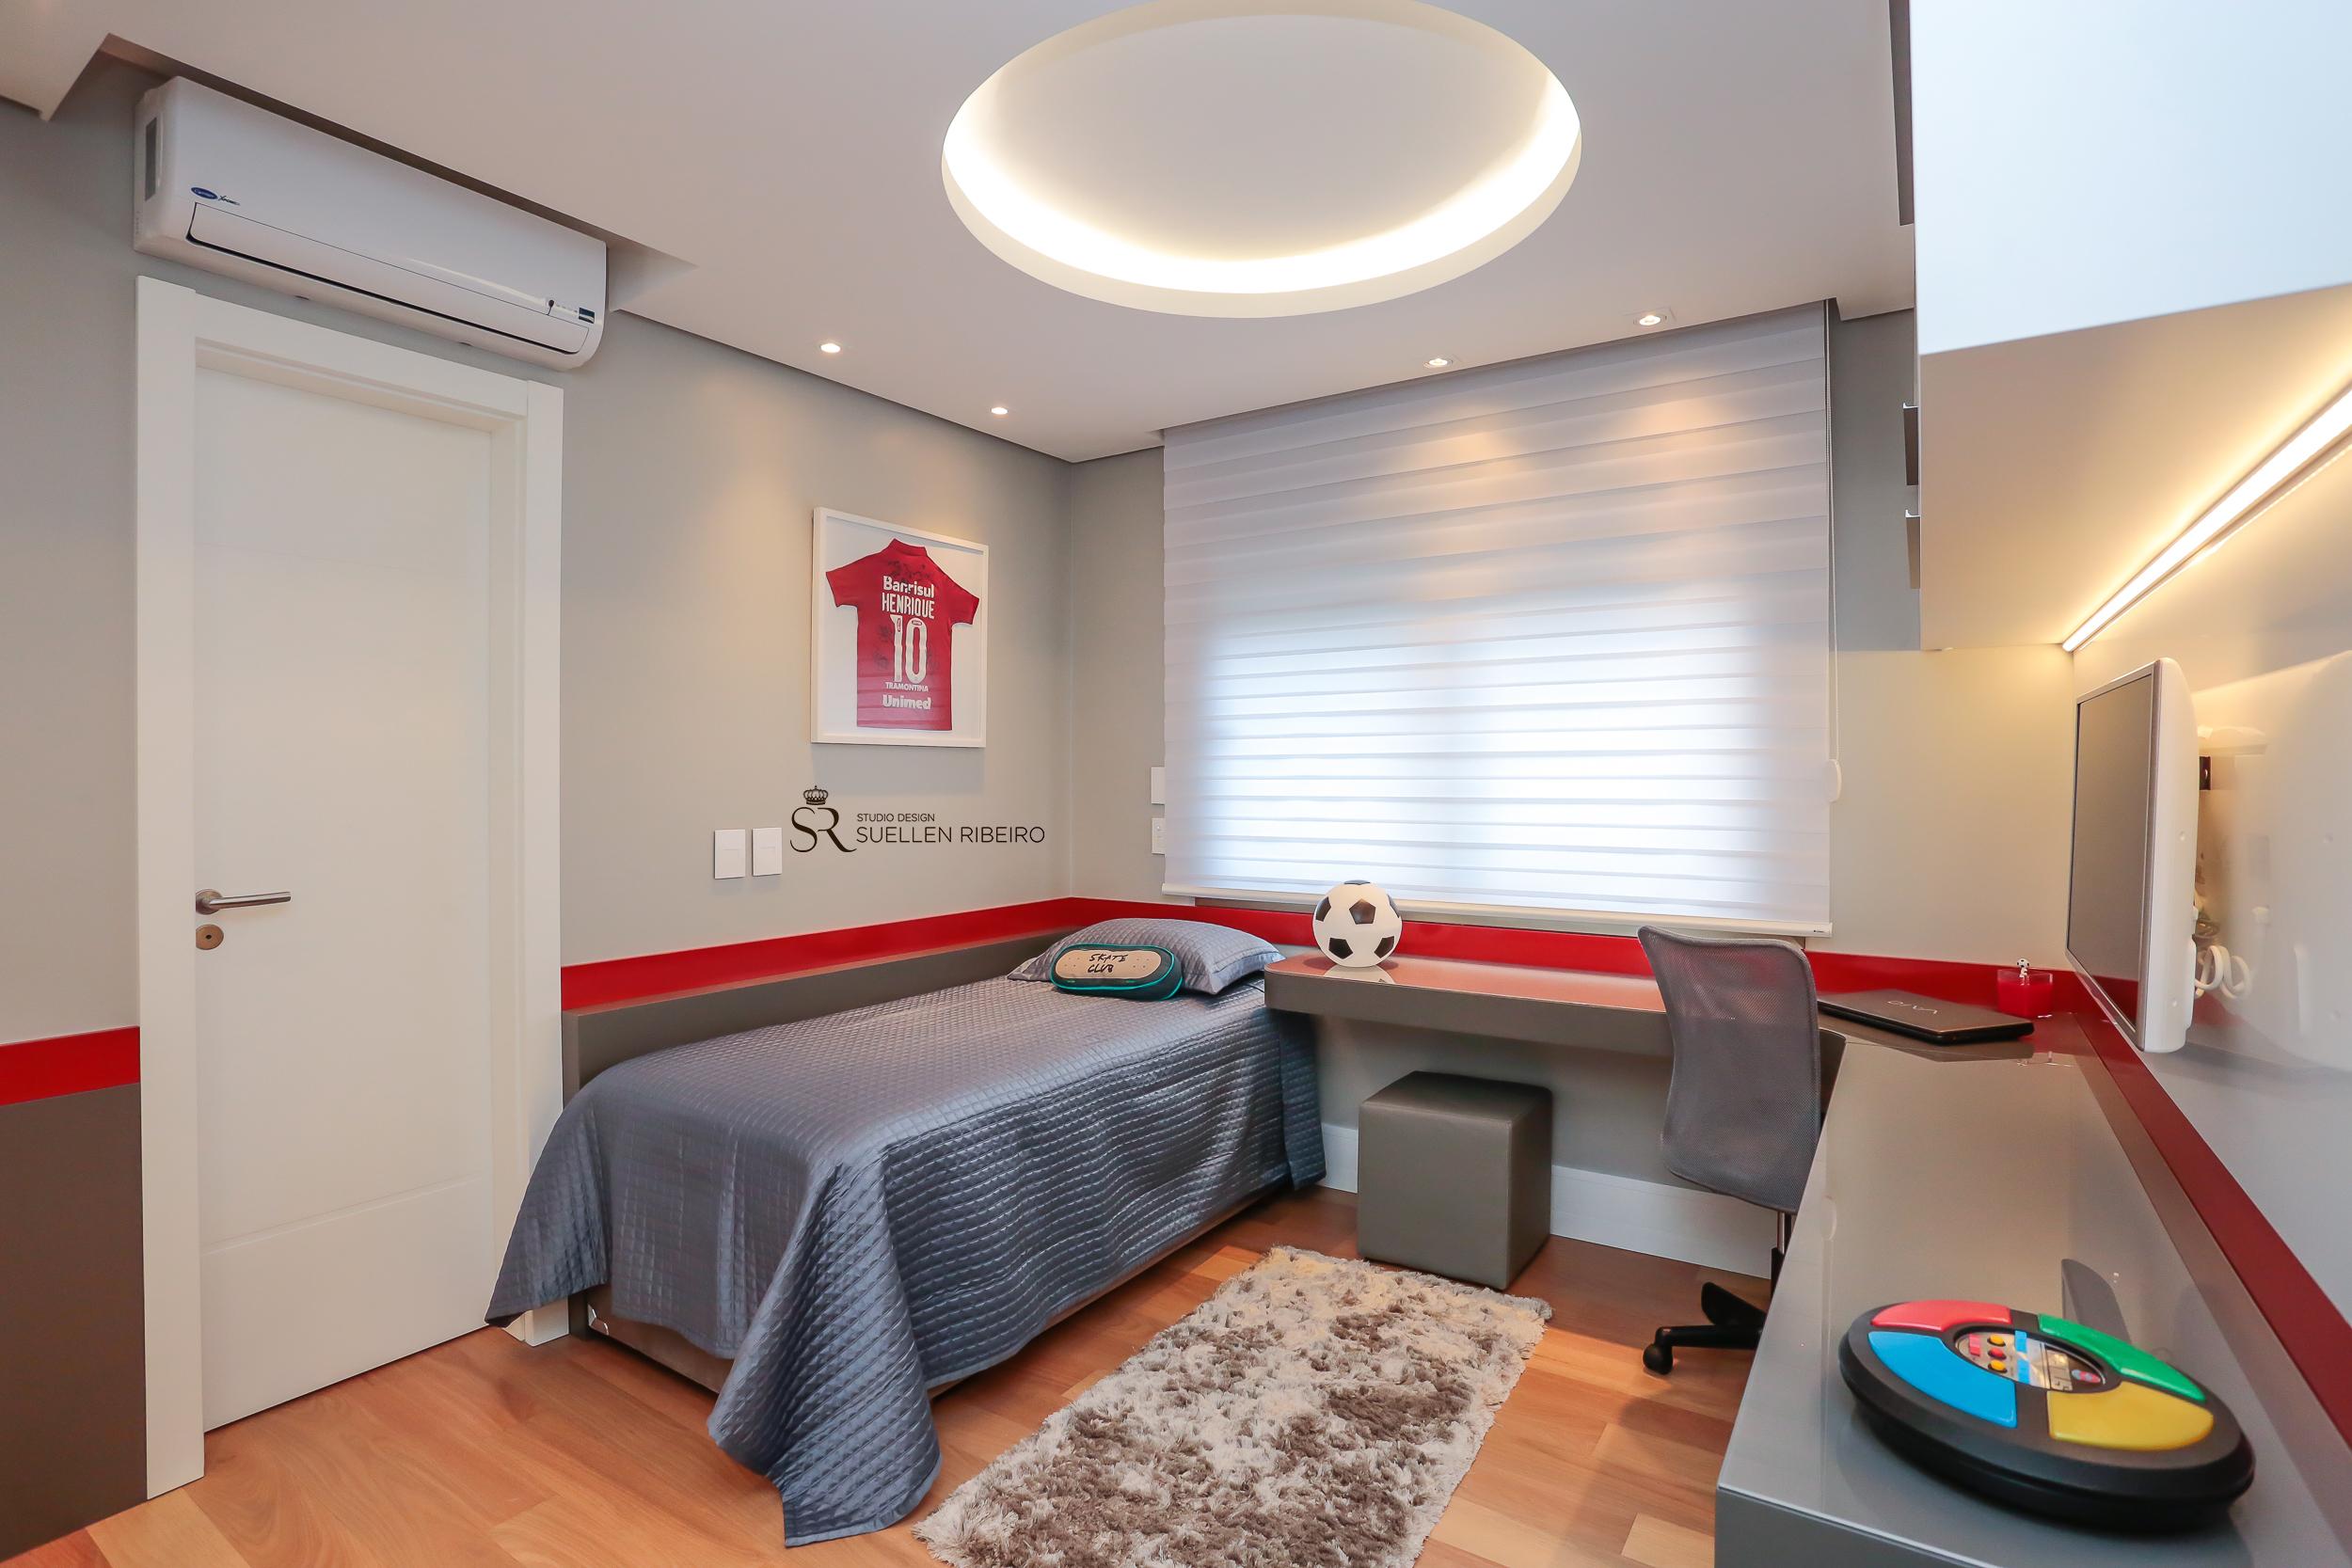 Suellen Ribeiro - Design de Interiores